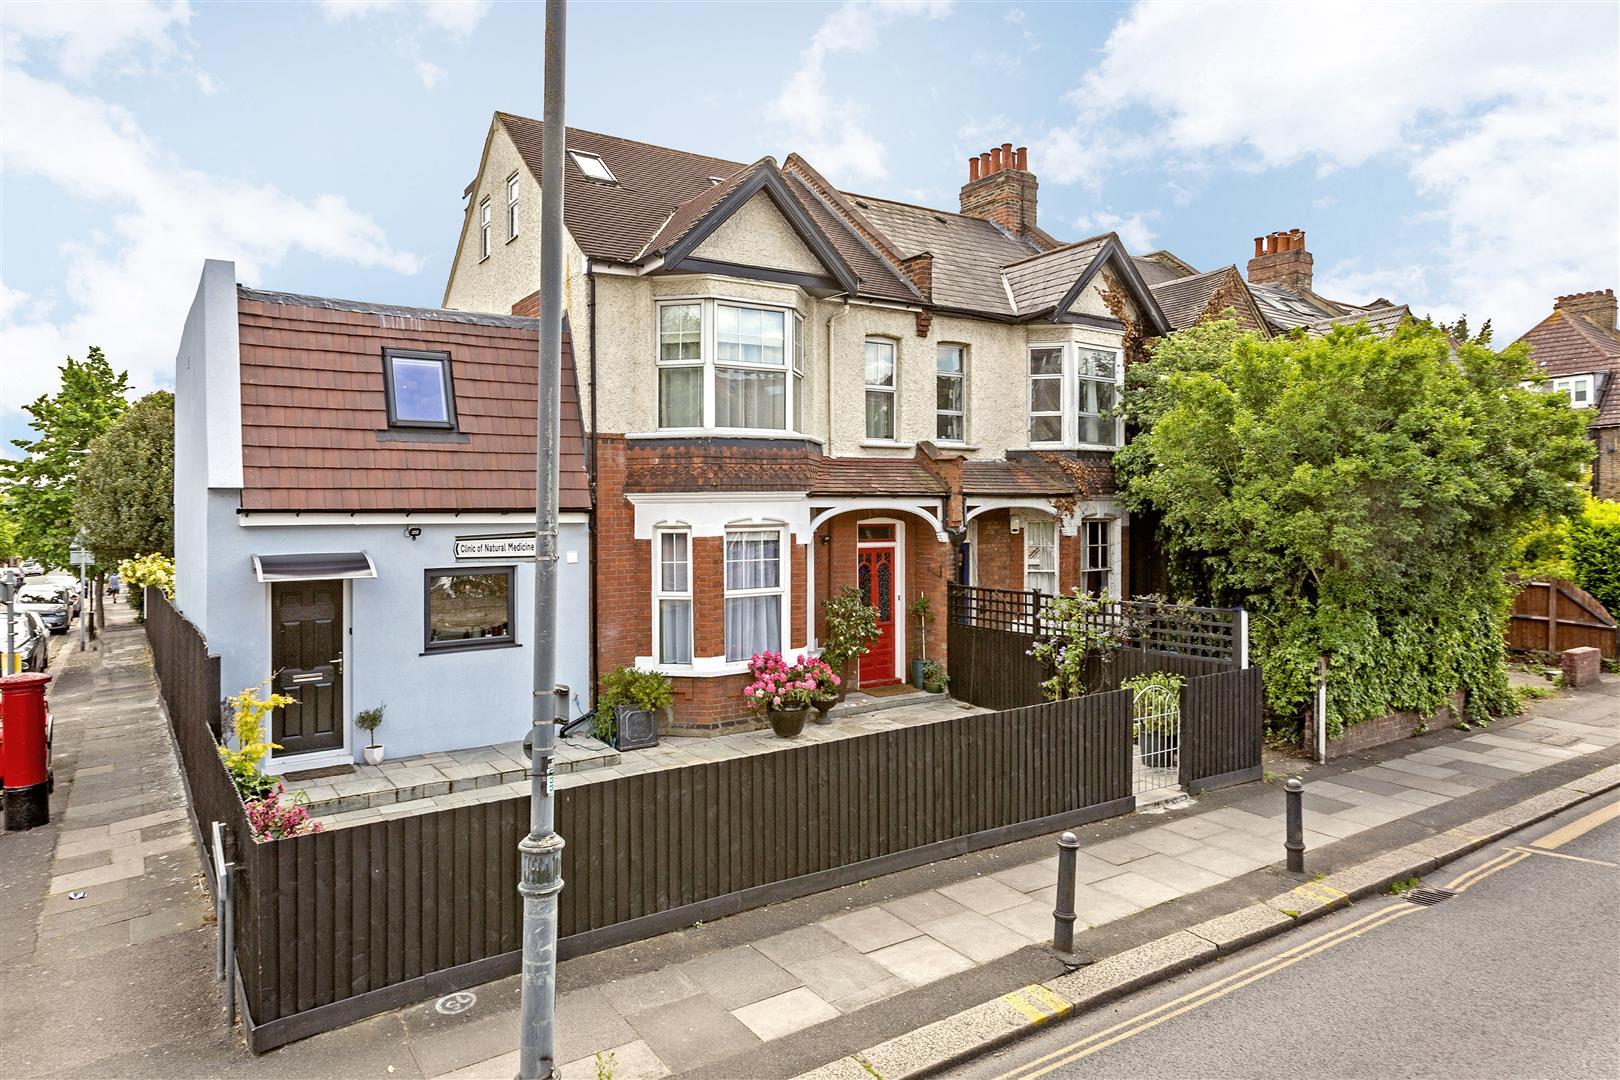 Queens Road, Wimbledon - Andrew Scott Robertson